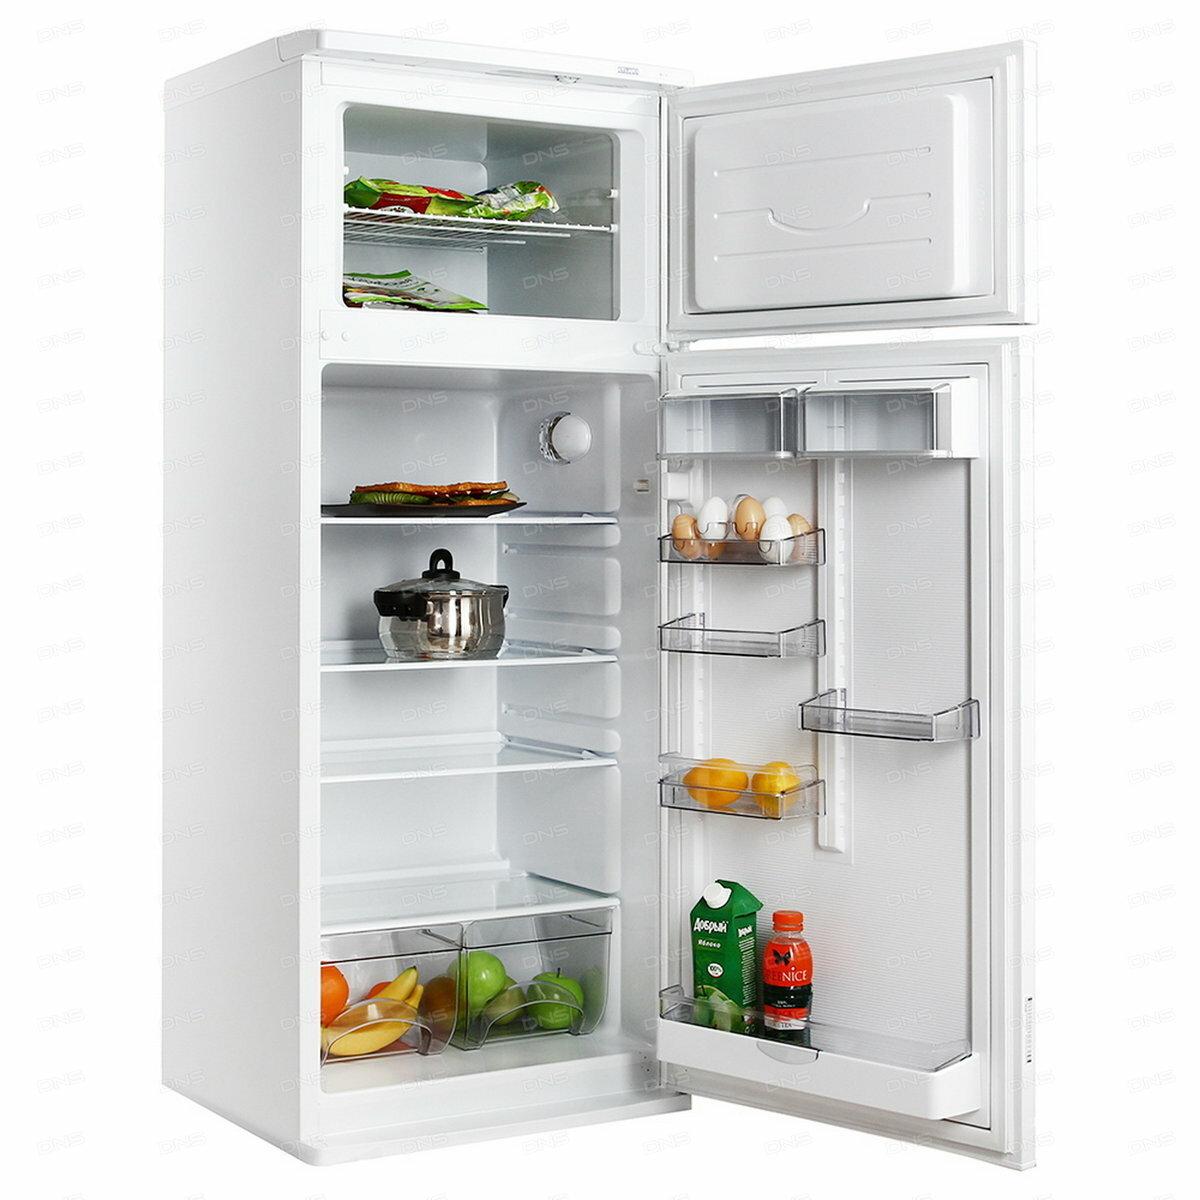 Купить холодильник в фирменном магазине «Атлант»